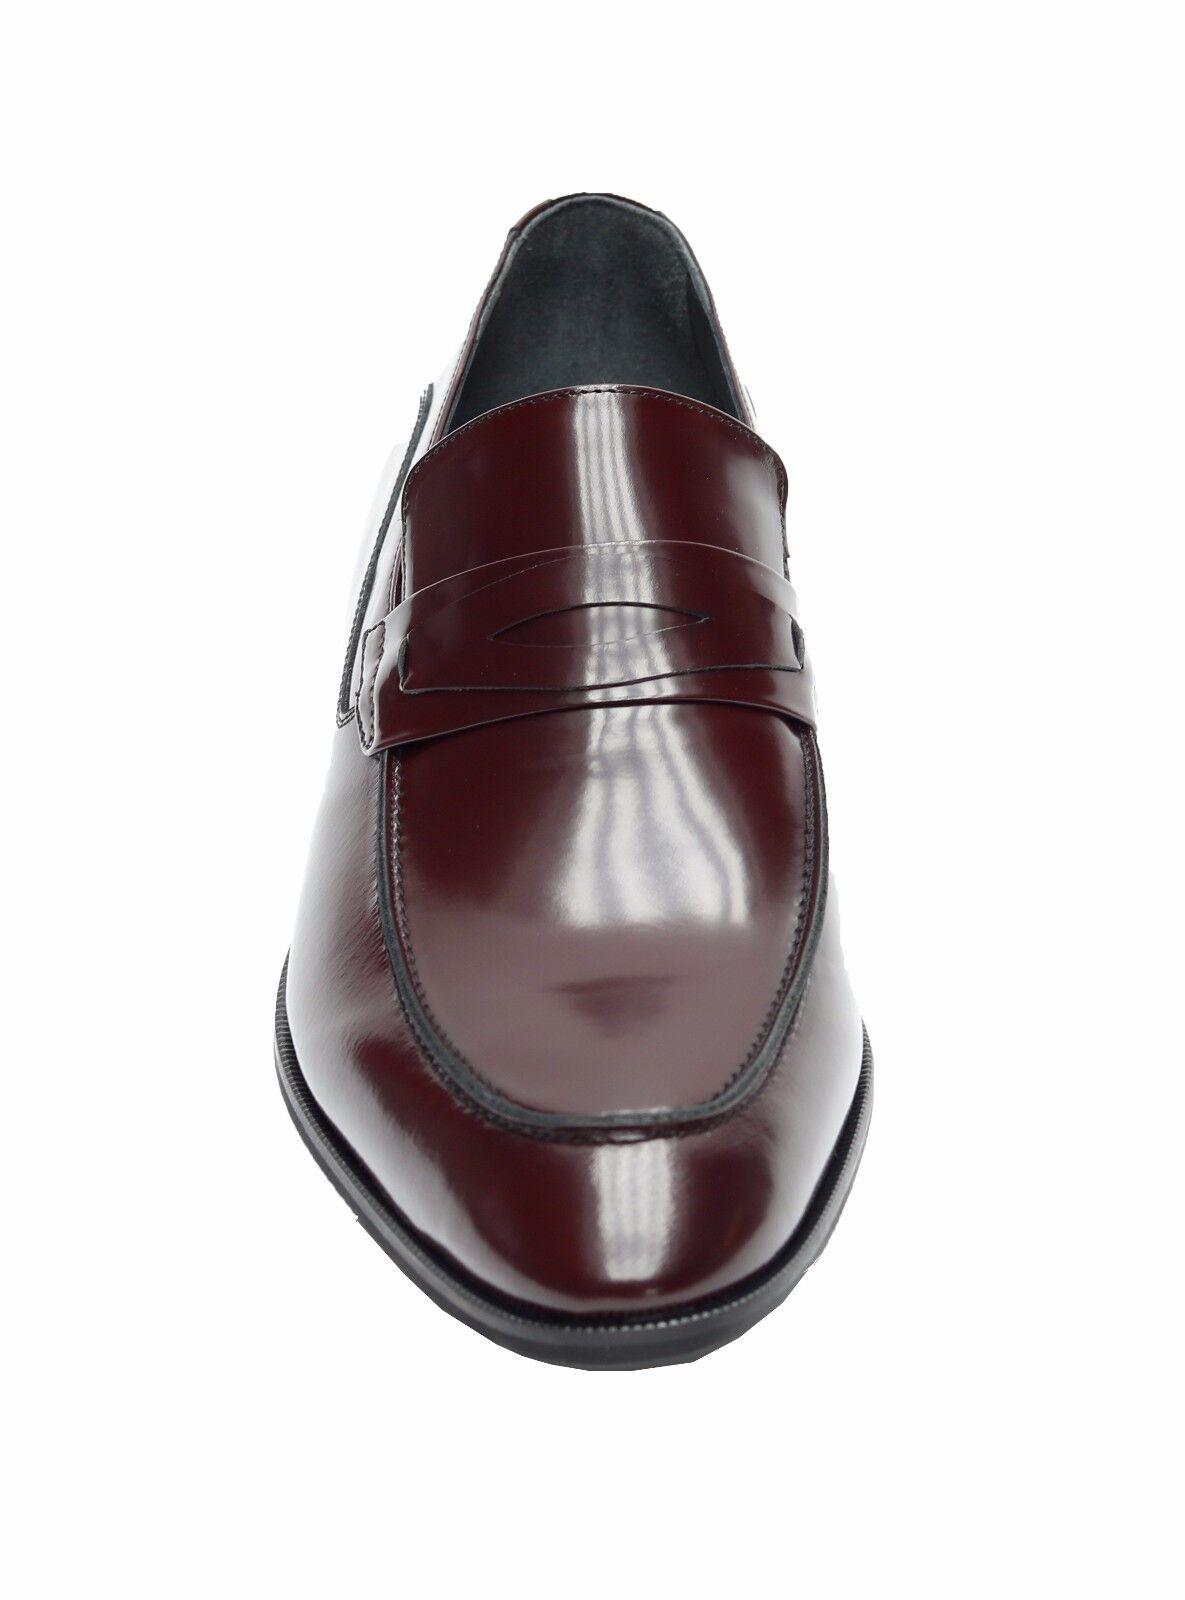 Muga Leder Herren Schuhe Gr.41 Bordeaux